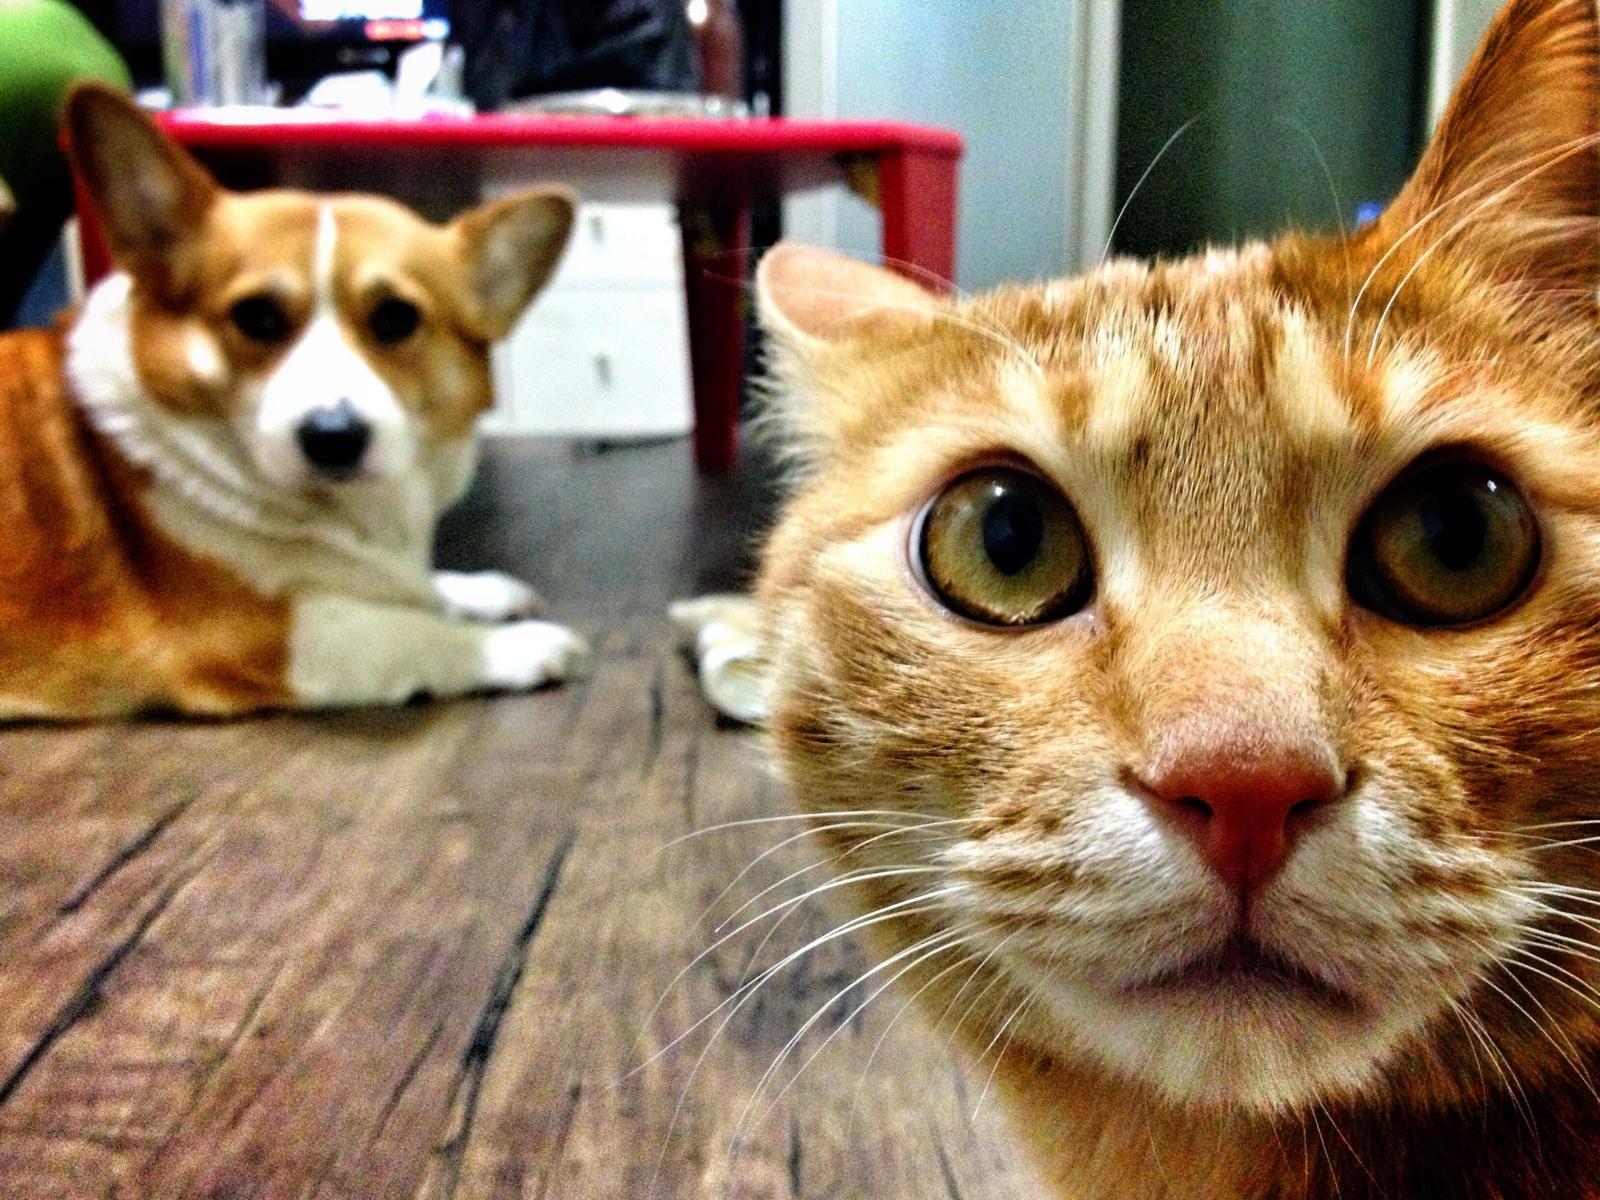 Bello oder Kitty.